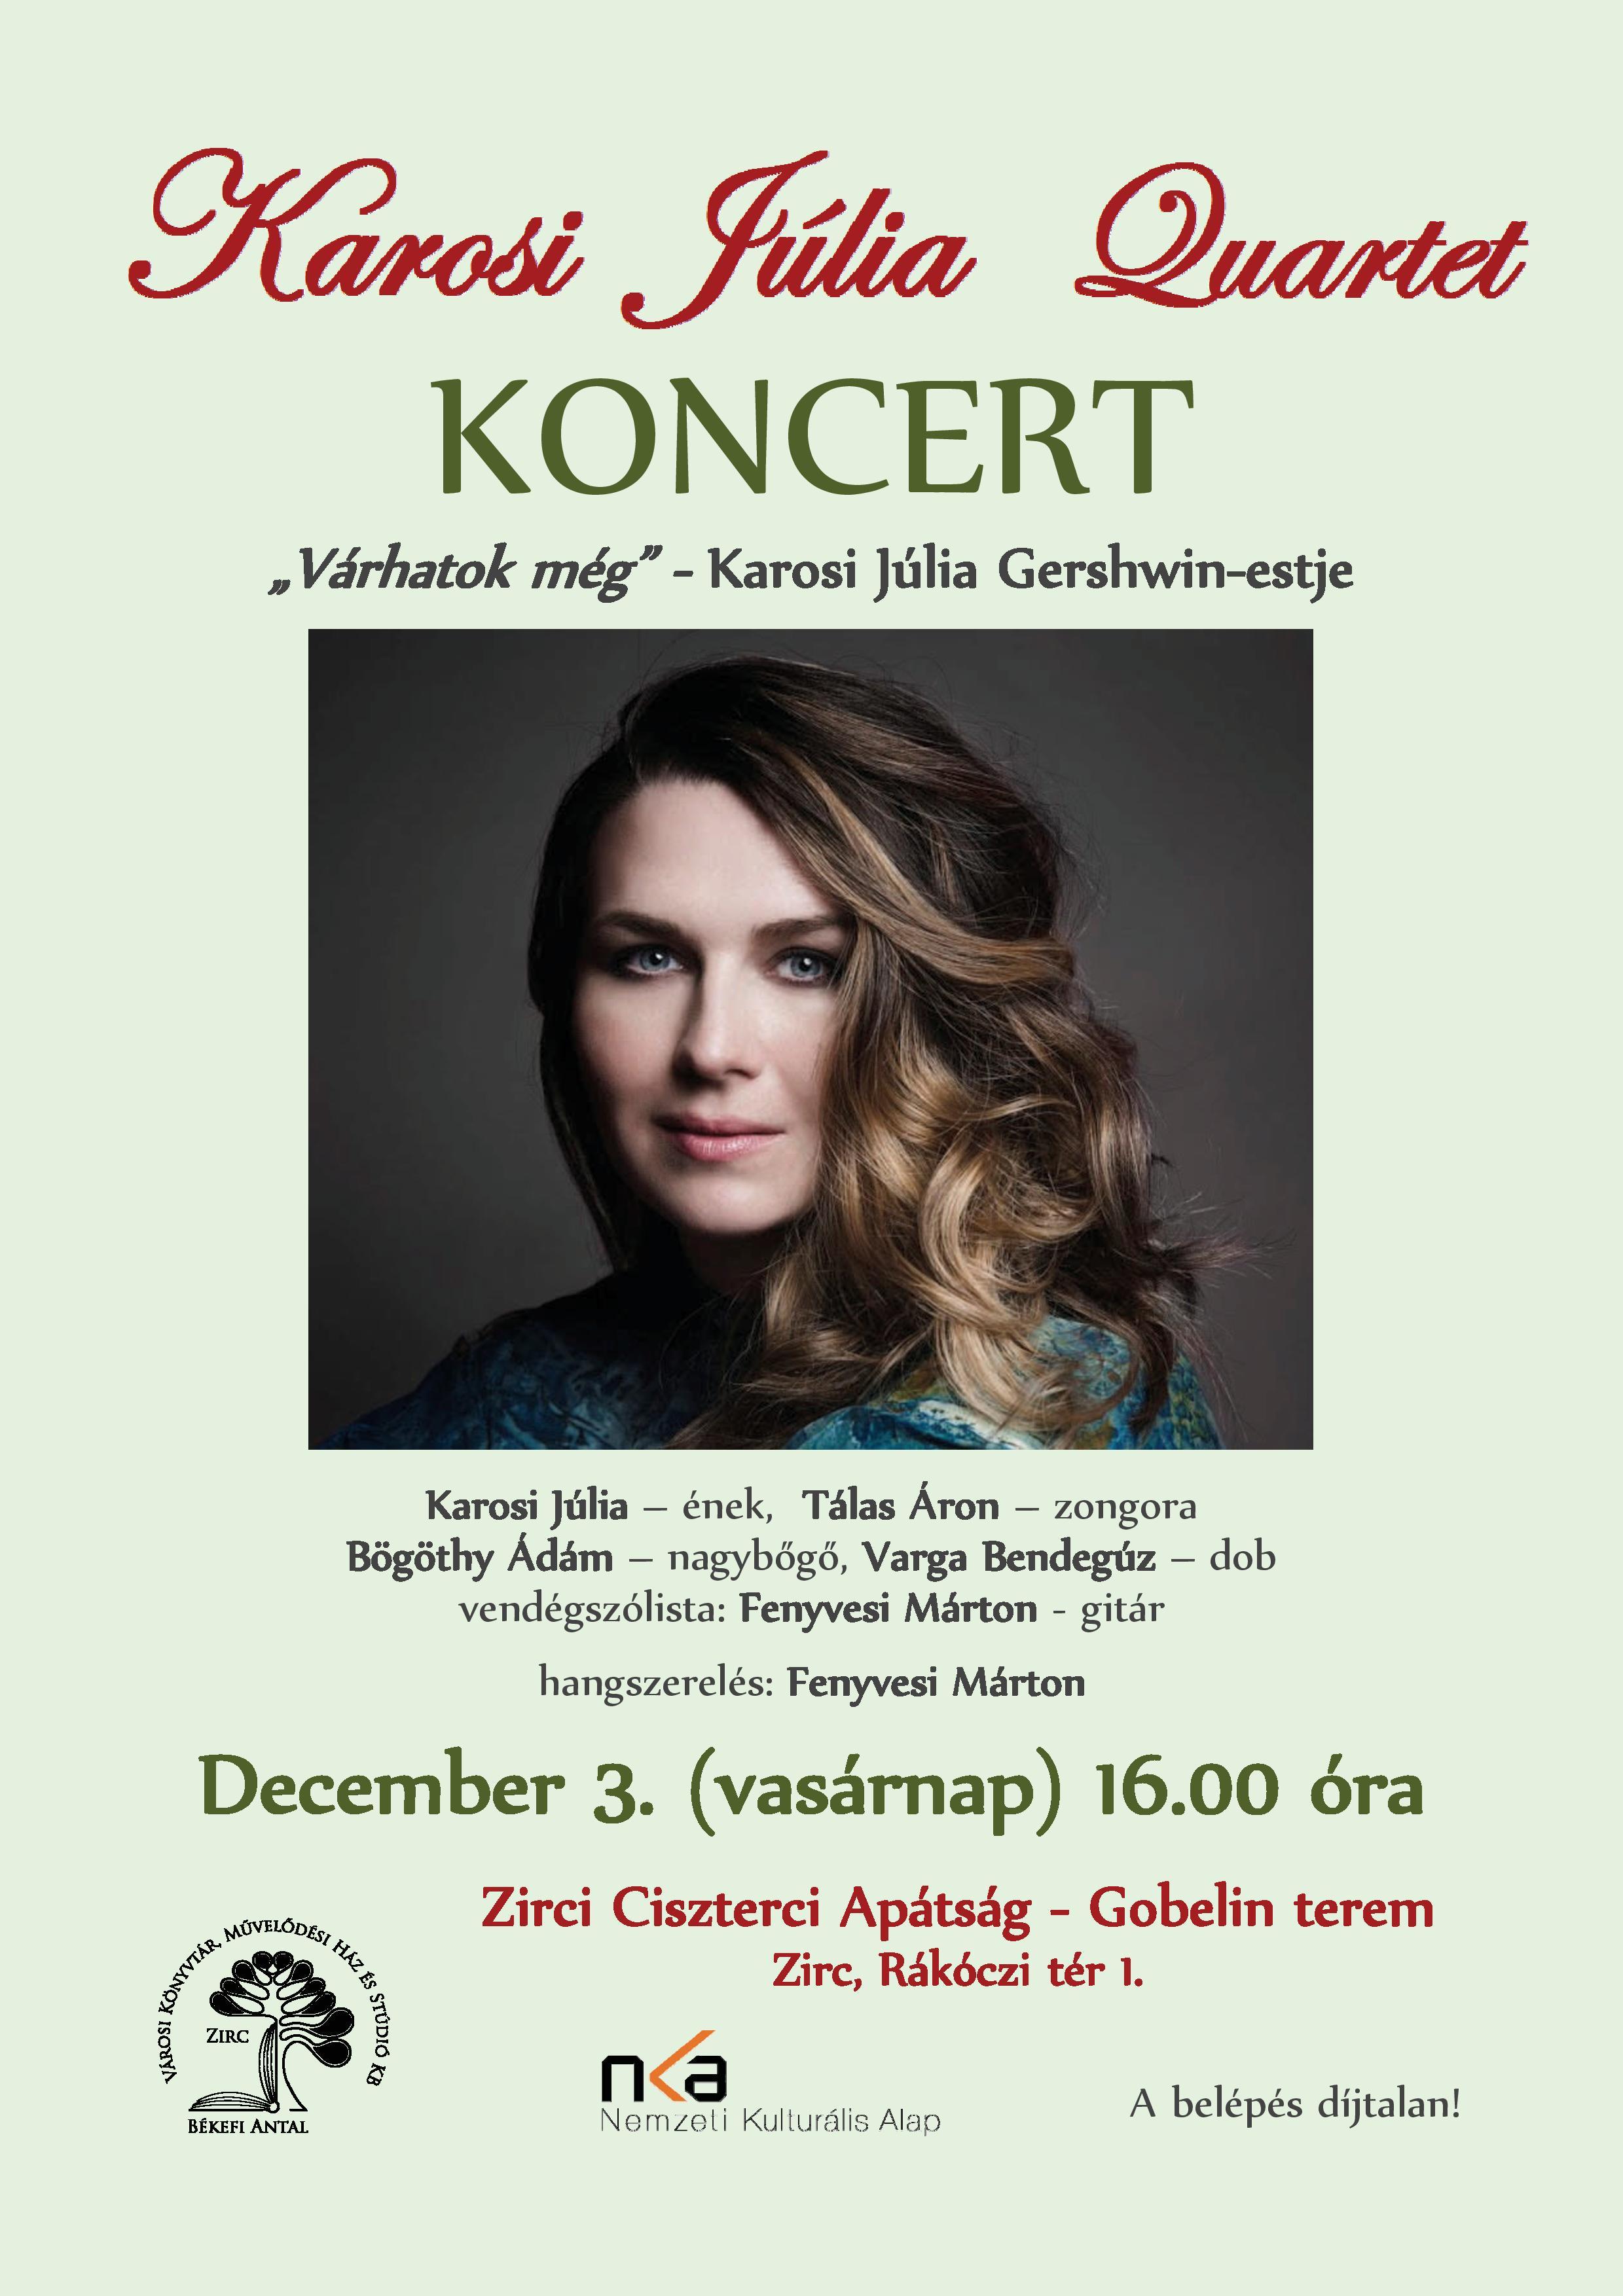 2017-12-03_karosi_julia_koncert-page-001.jpg